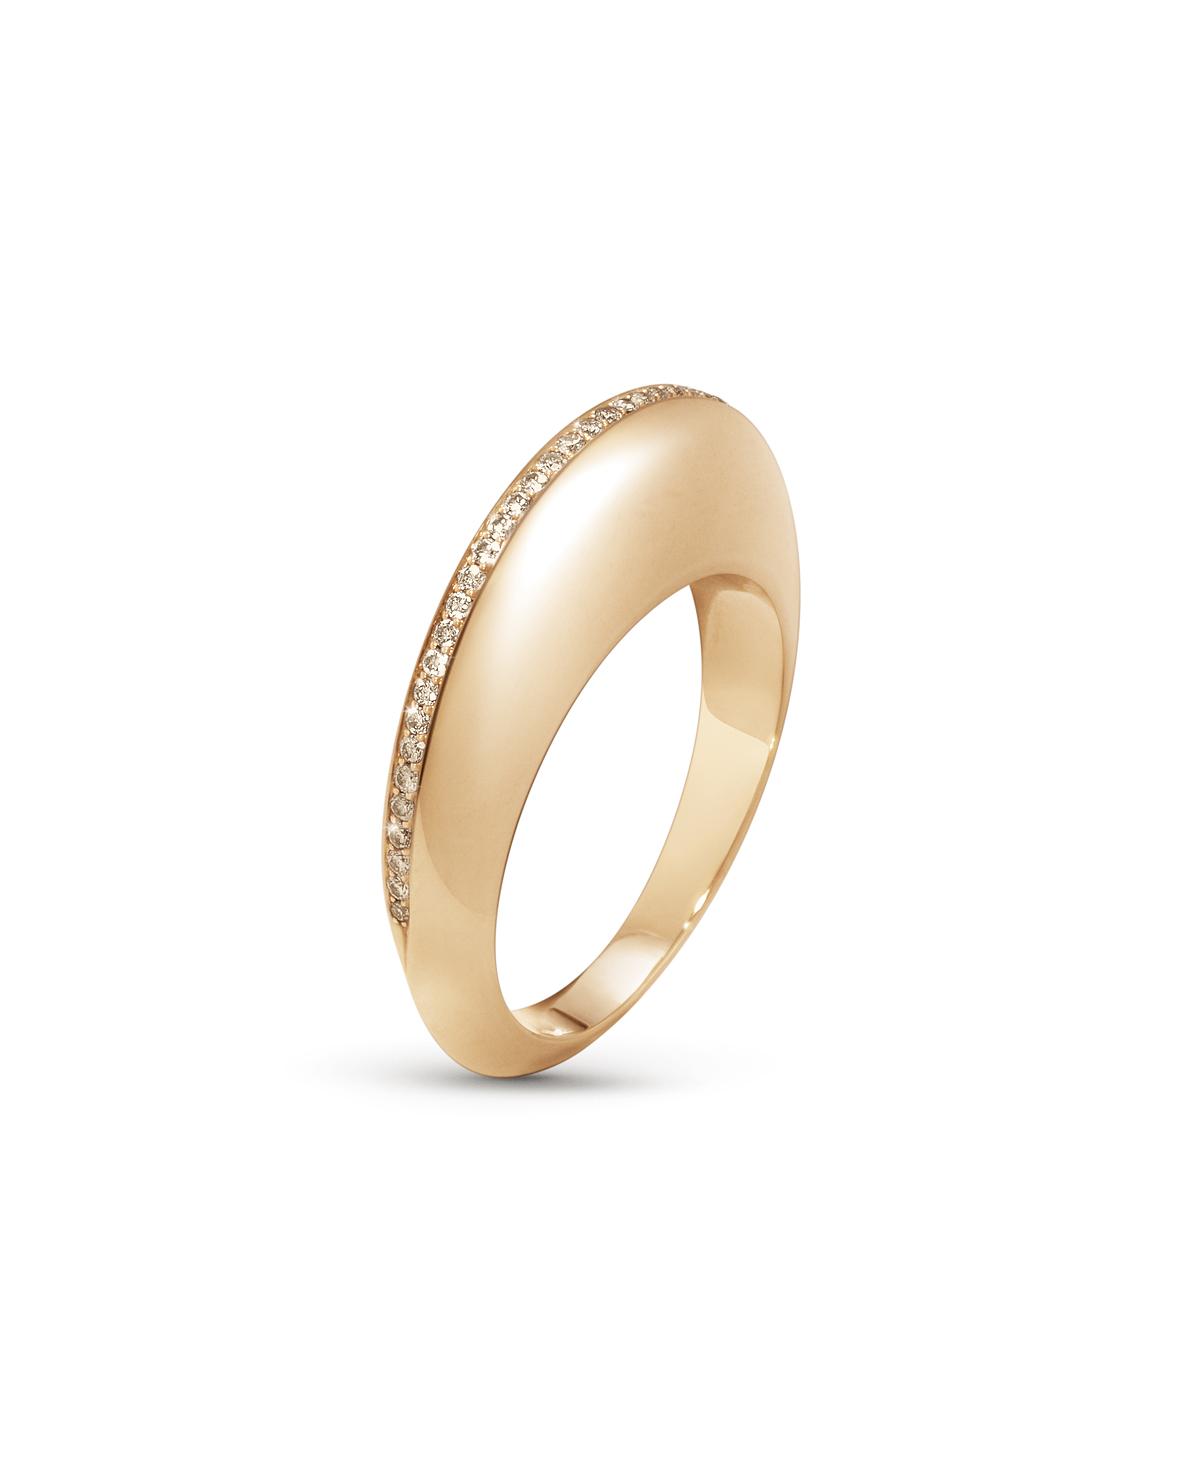 Image of   Georg Jensen DUNE ring - 3572160 Størrelse 56